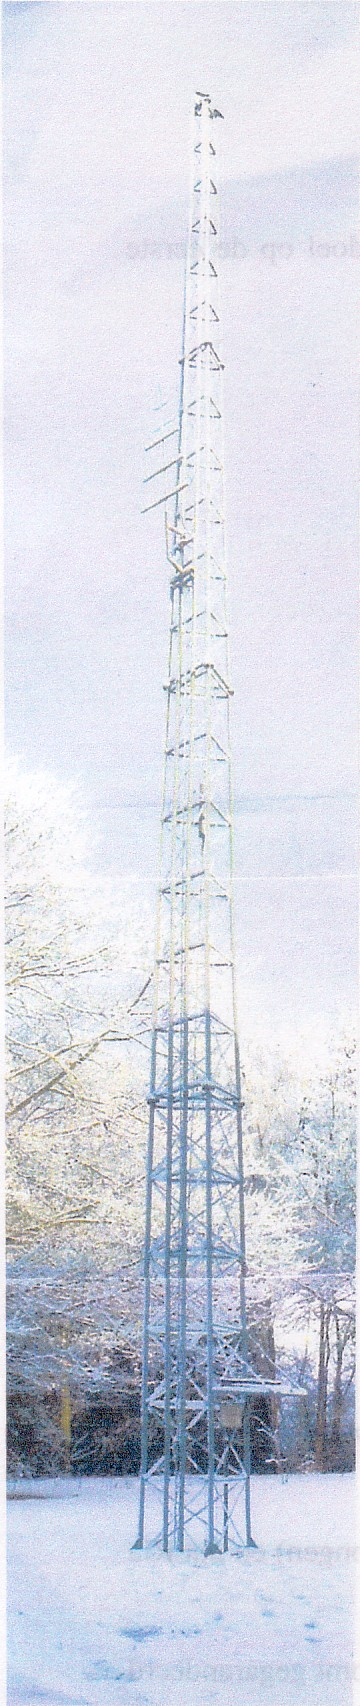 driekoningenschieting-staande-wip-sneeuw